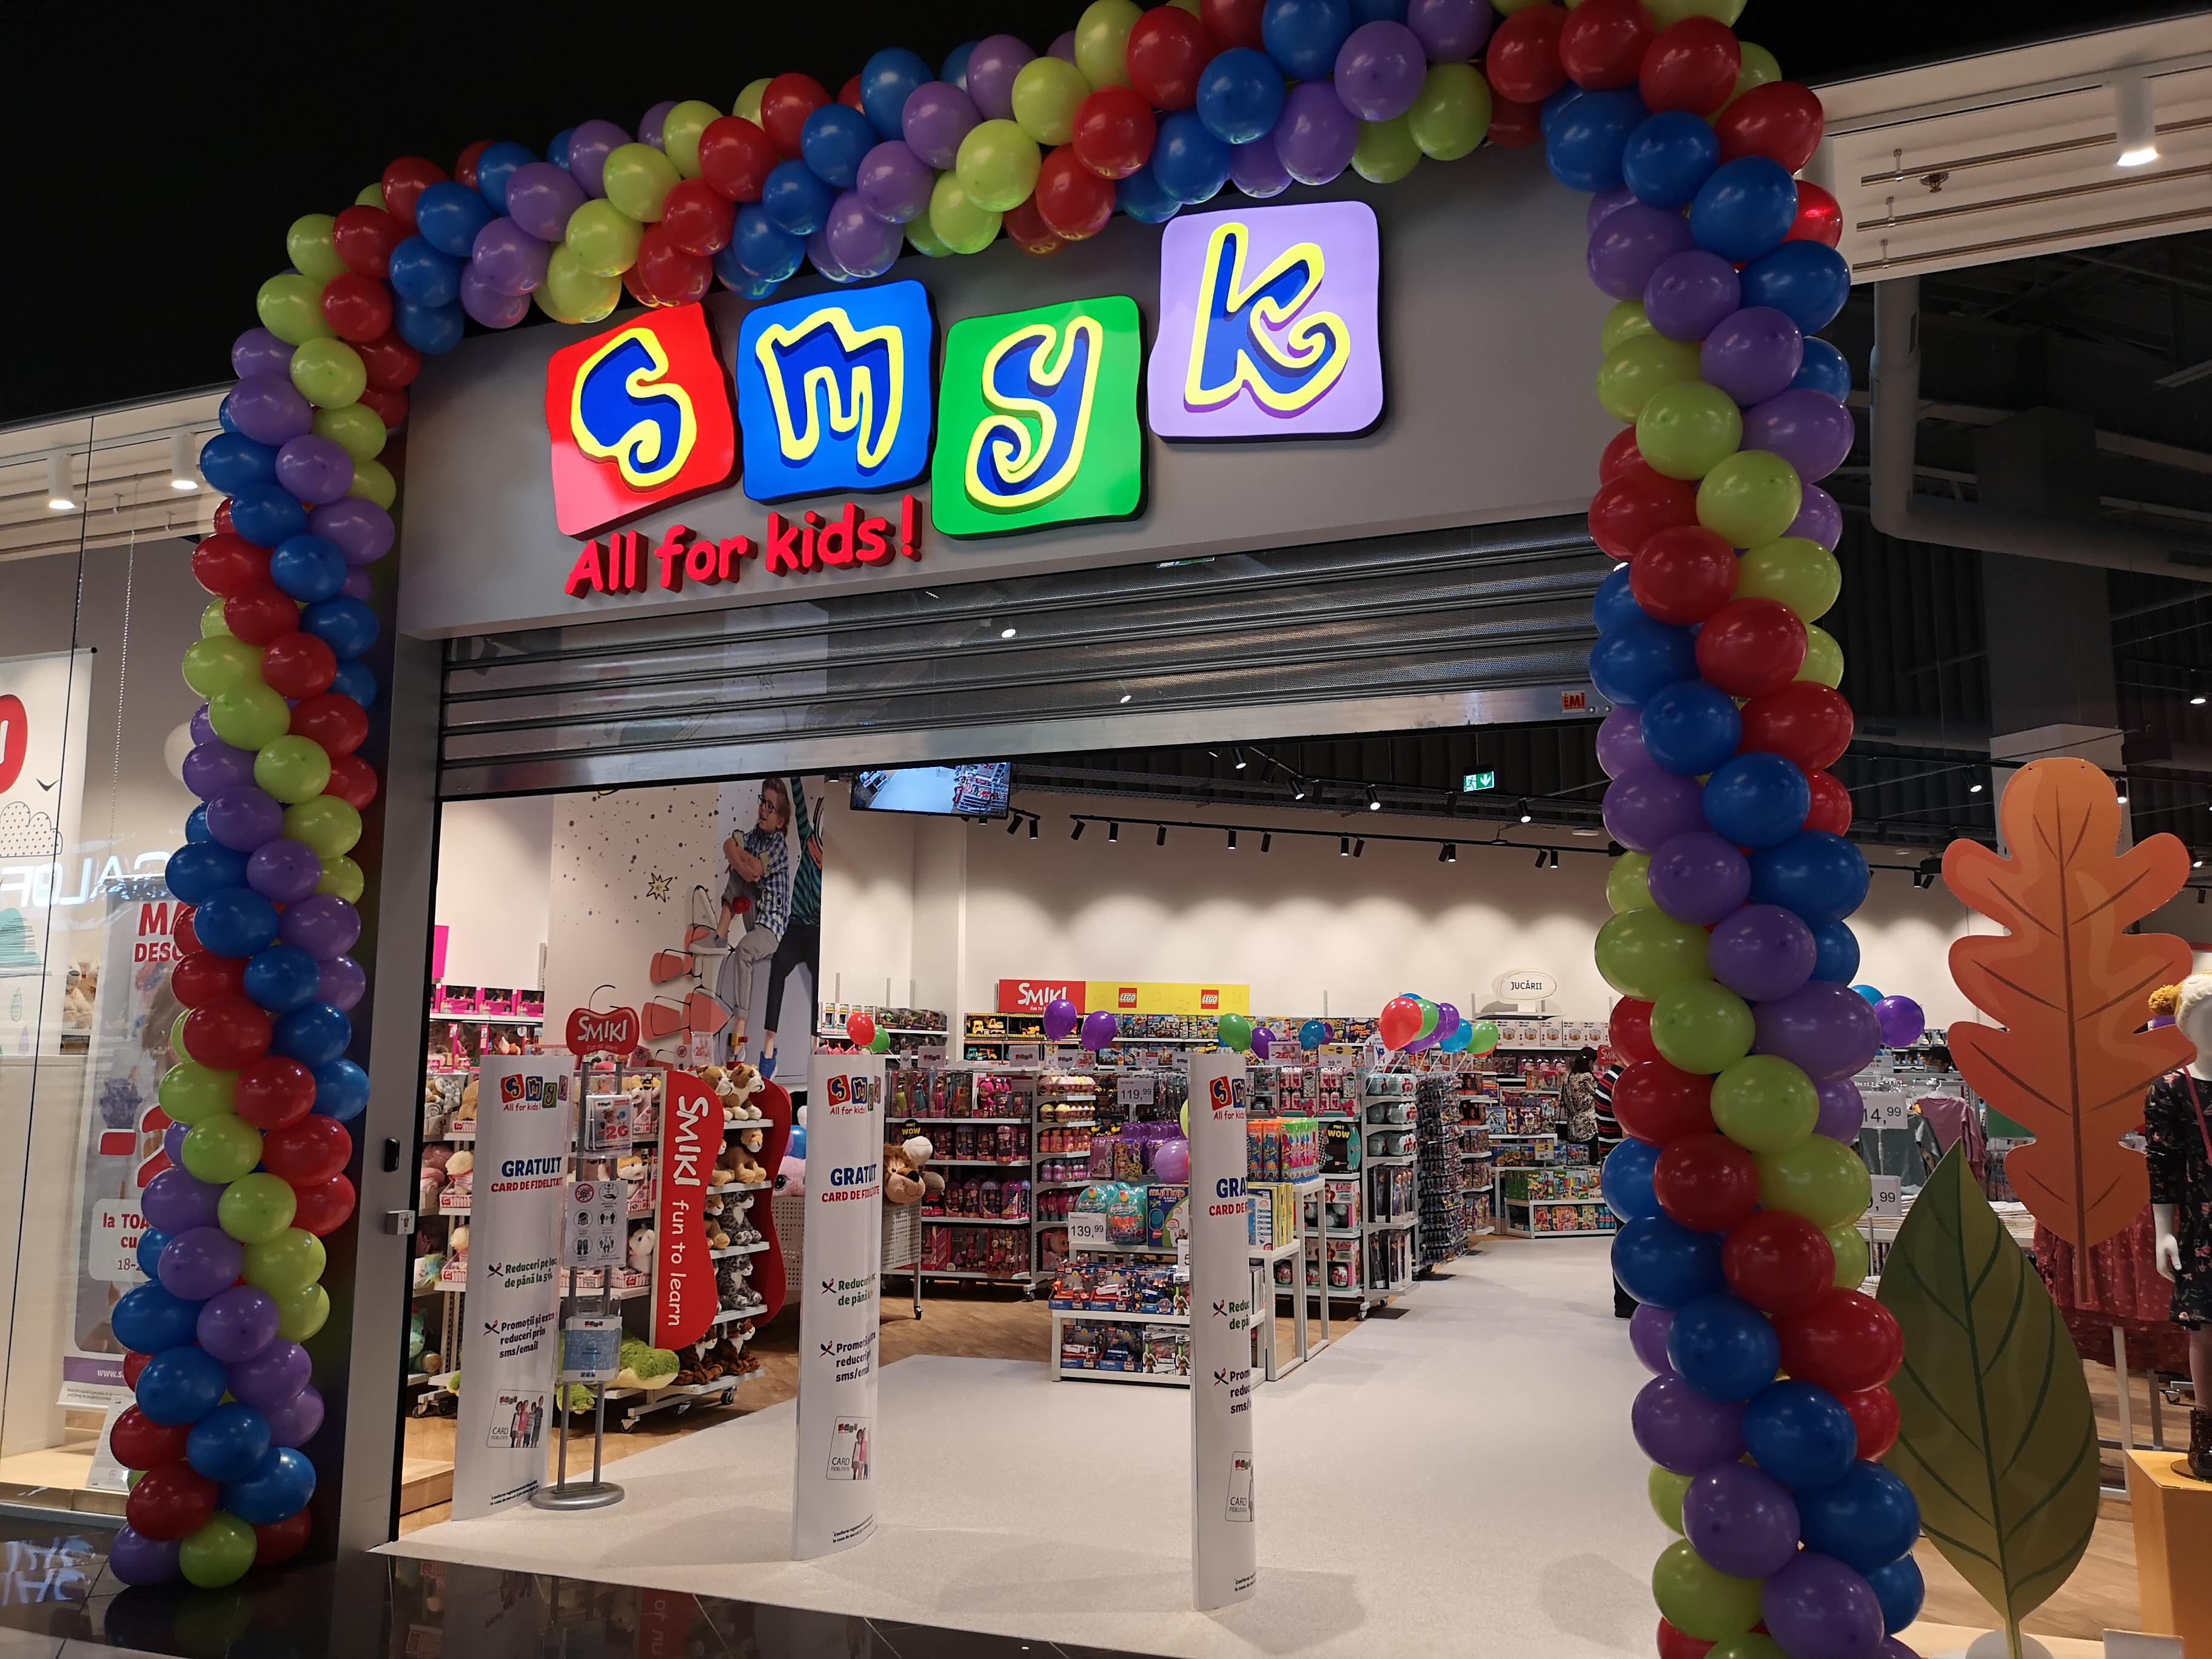 Retailerul polonez SMYK All for Kids deschide pe 21 octombrie un nou magazin, în Braşov, al patrulea inaugurat în acest an, şi ajunge la o reţea de 21 magazine